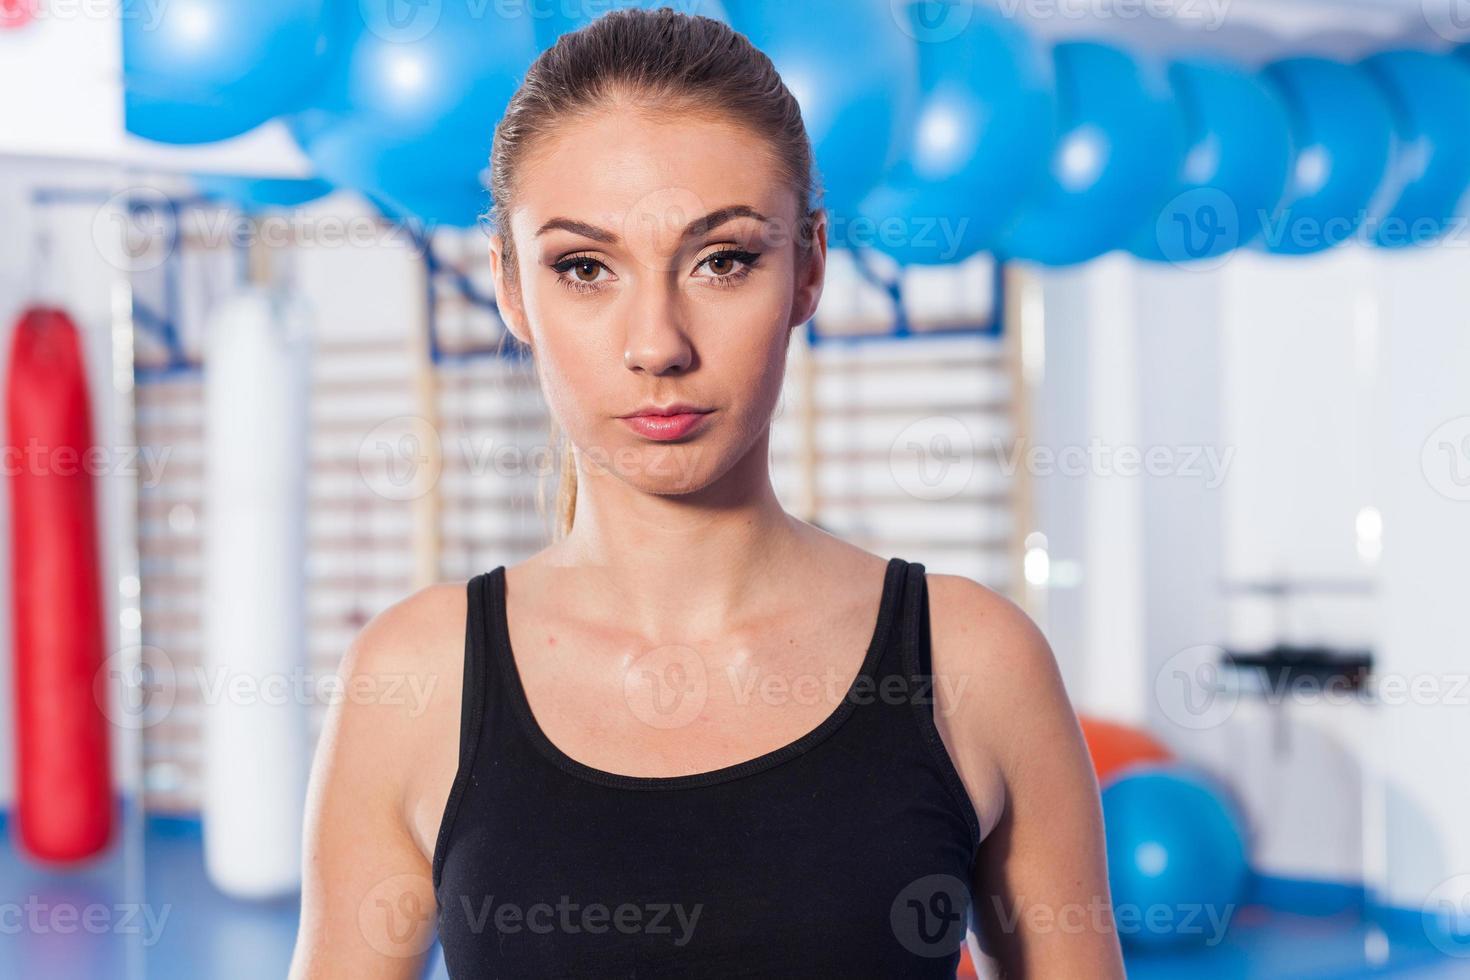 belle jeune femme dans la salle de gym. tir de gym. salle de gym. photo